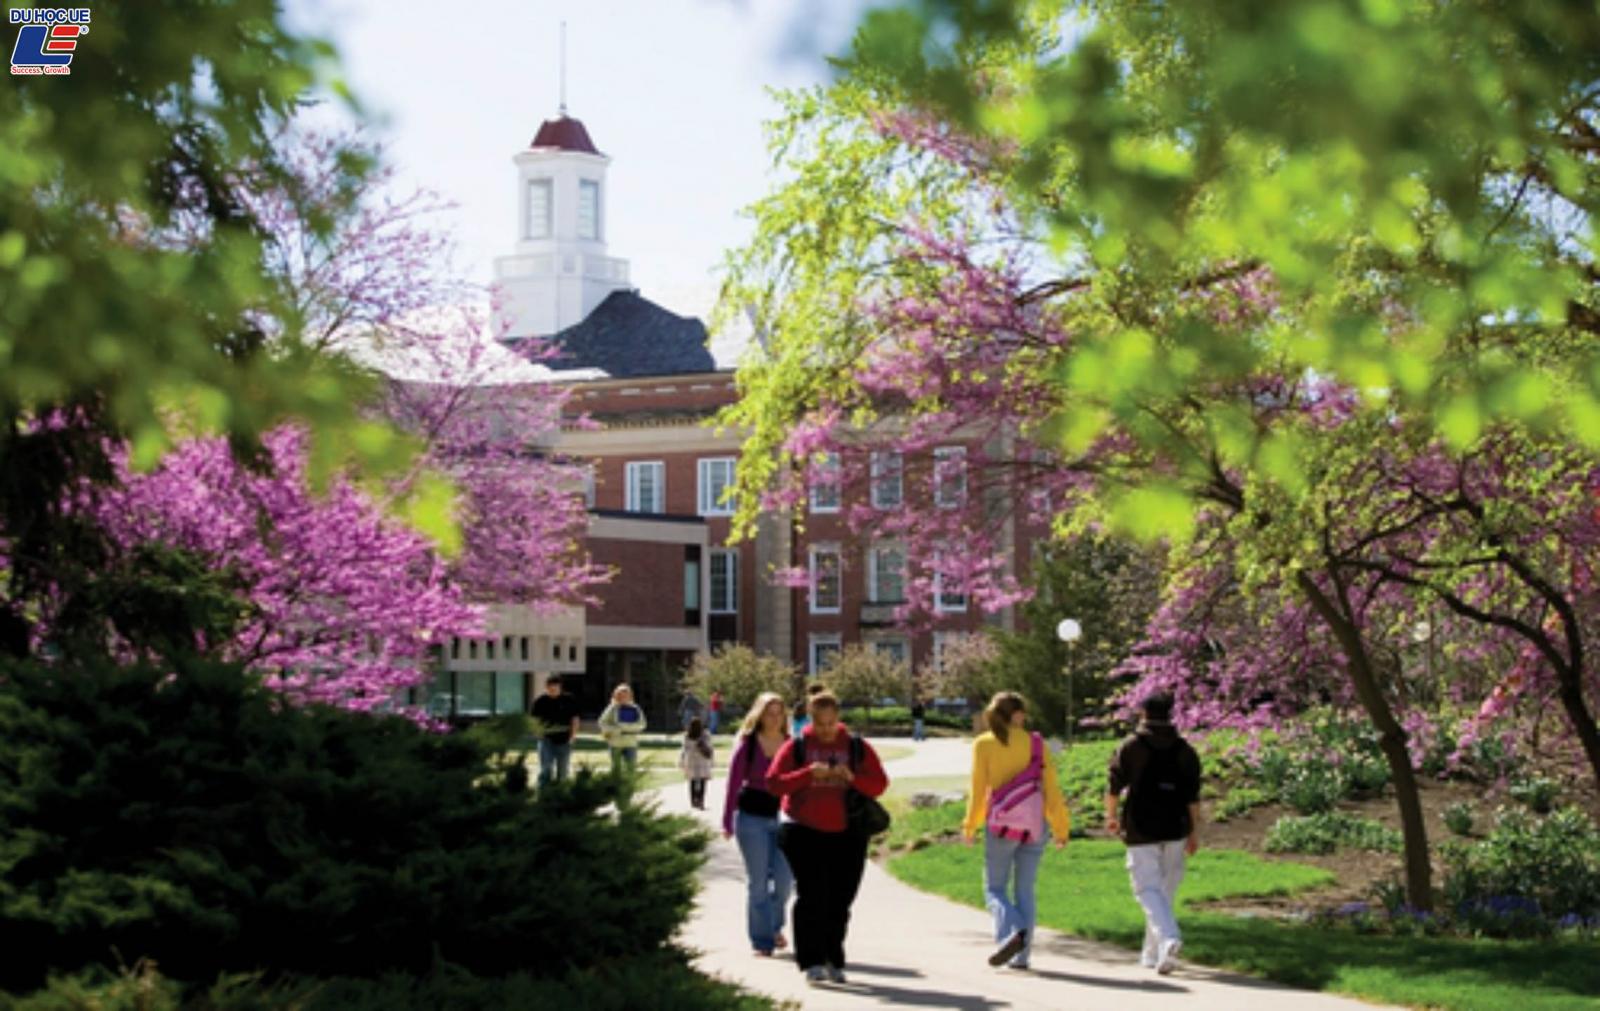 University Of Nebraska, Lincoln - 151 năm, nhà dẫn đầu nền giáo dục đại học Mỹ 3